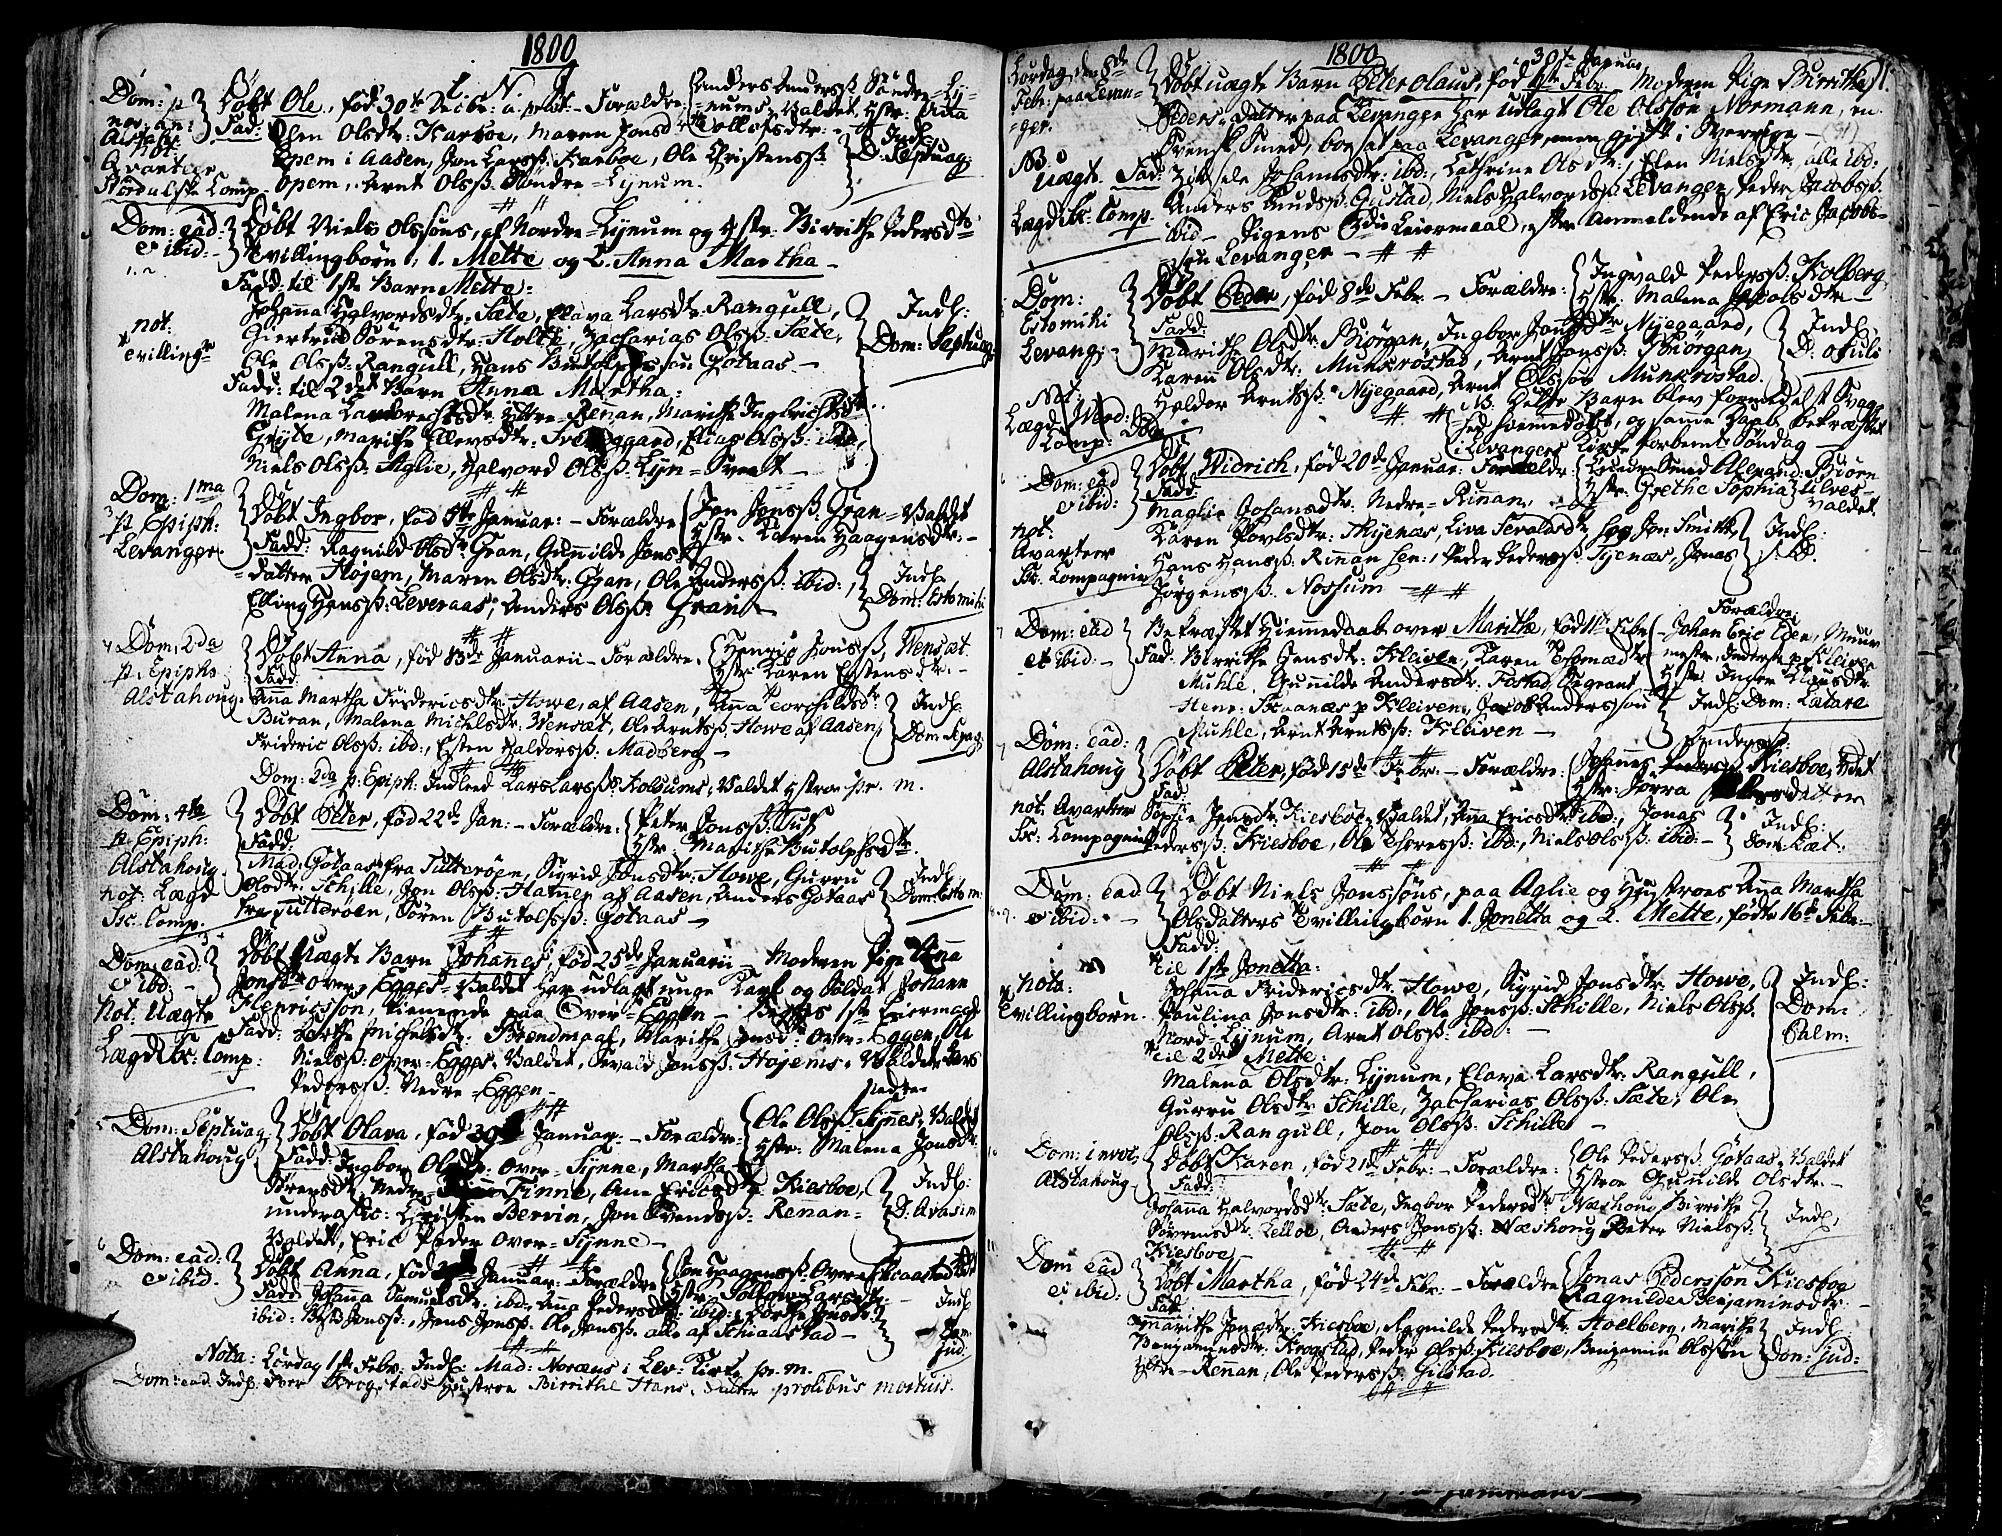 SAT, Ministerialprotokoller, klokkerbøker og fødselsregistre - Nord-Trøndelag, 717/L0142: Ministerialbok nr. 717A02 /1, 1783-1809, s. 91